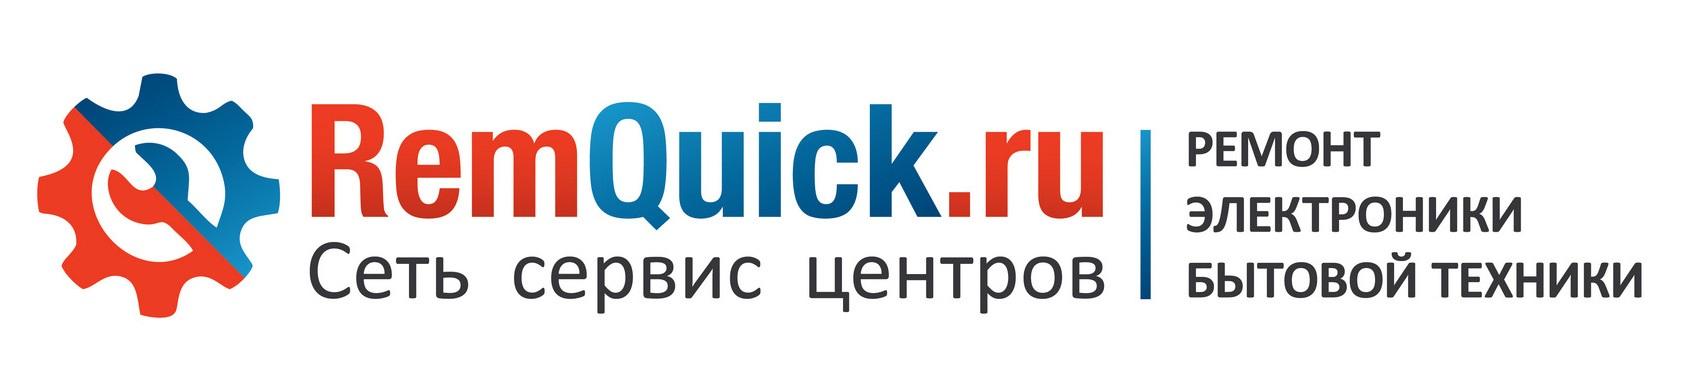 Сеть сервисных центров – RemQuick